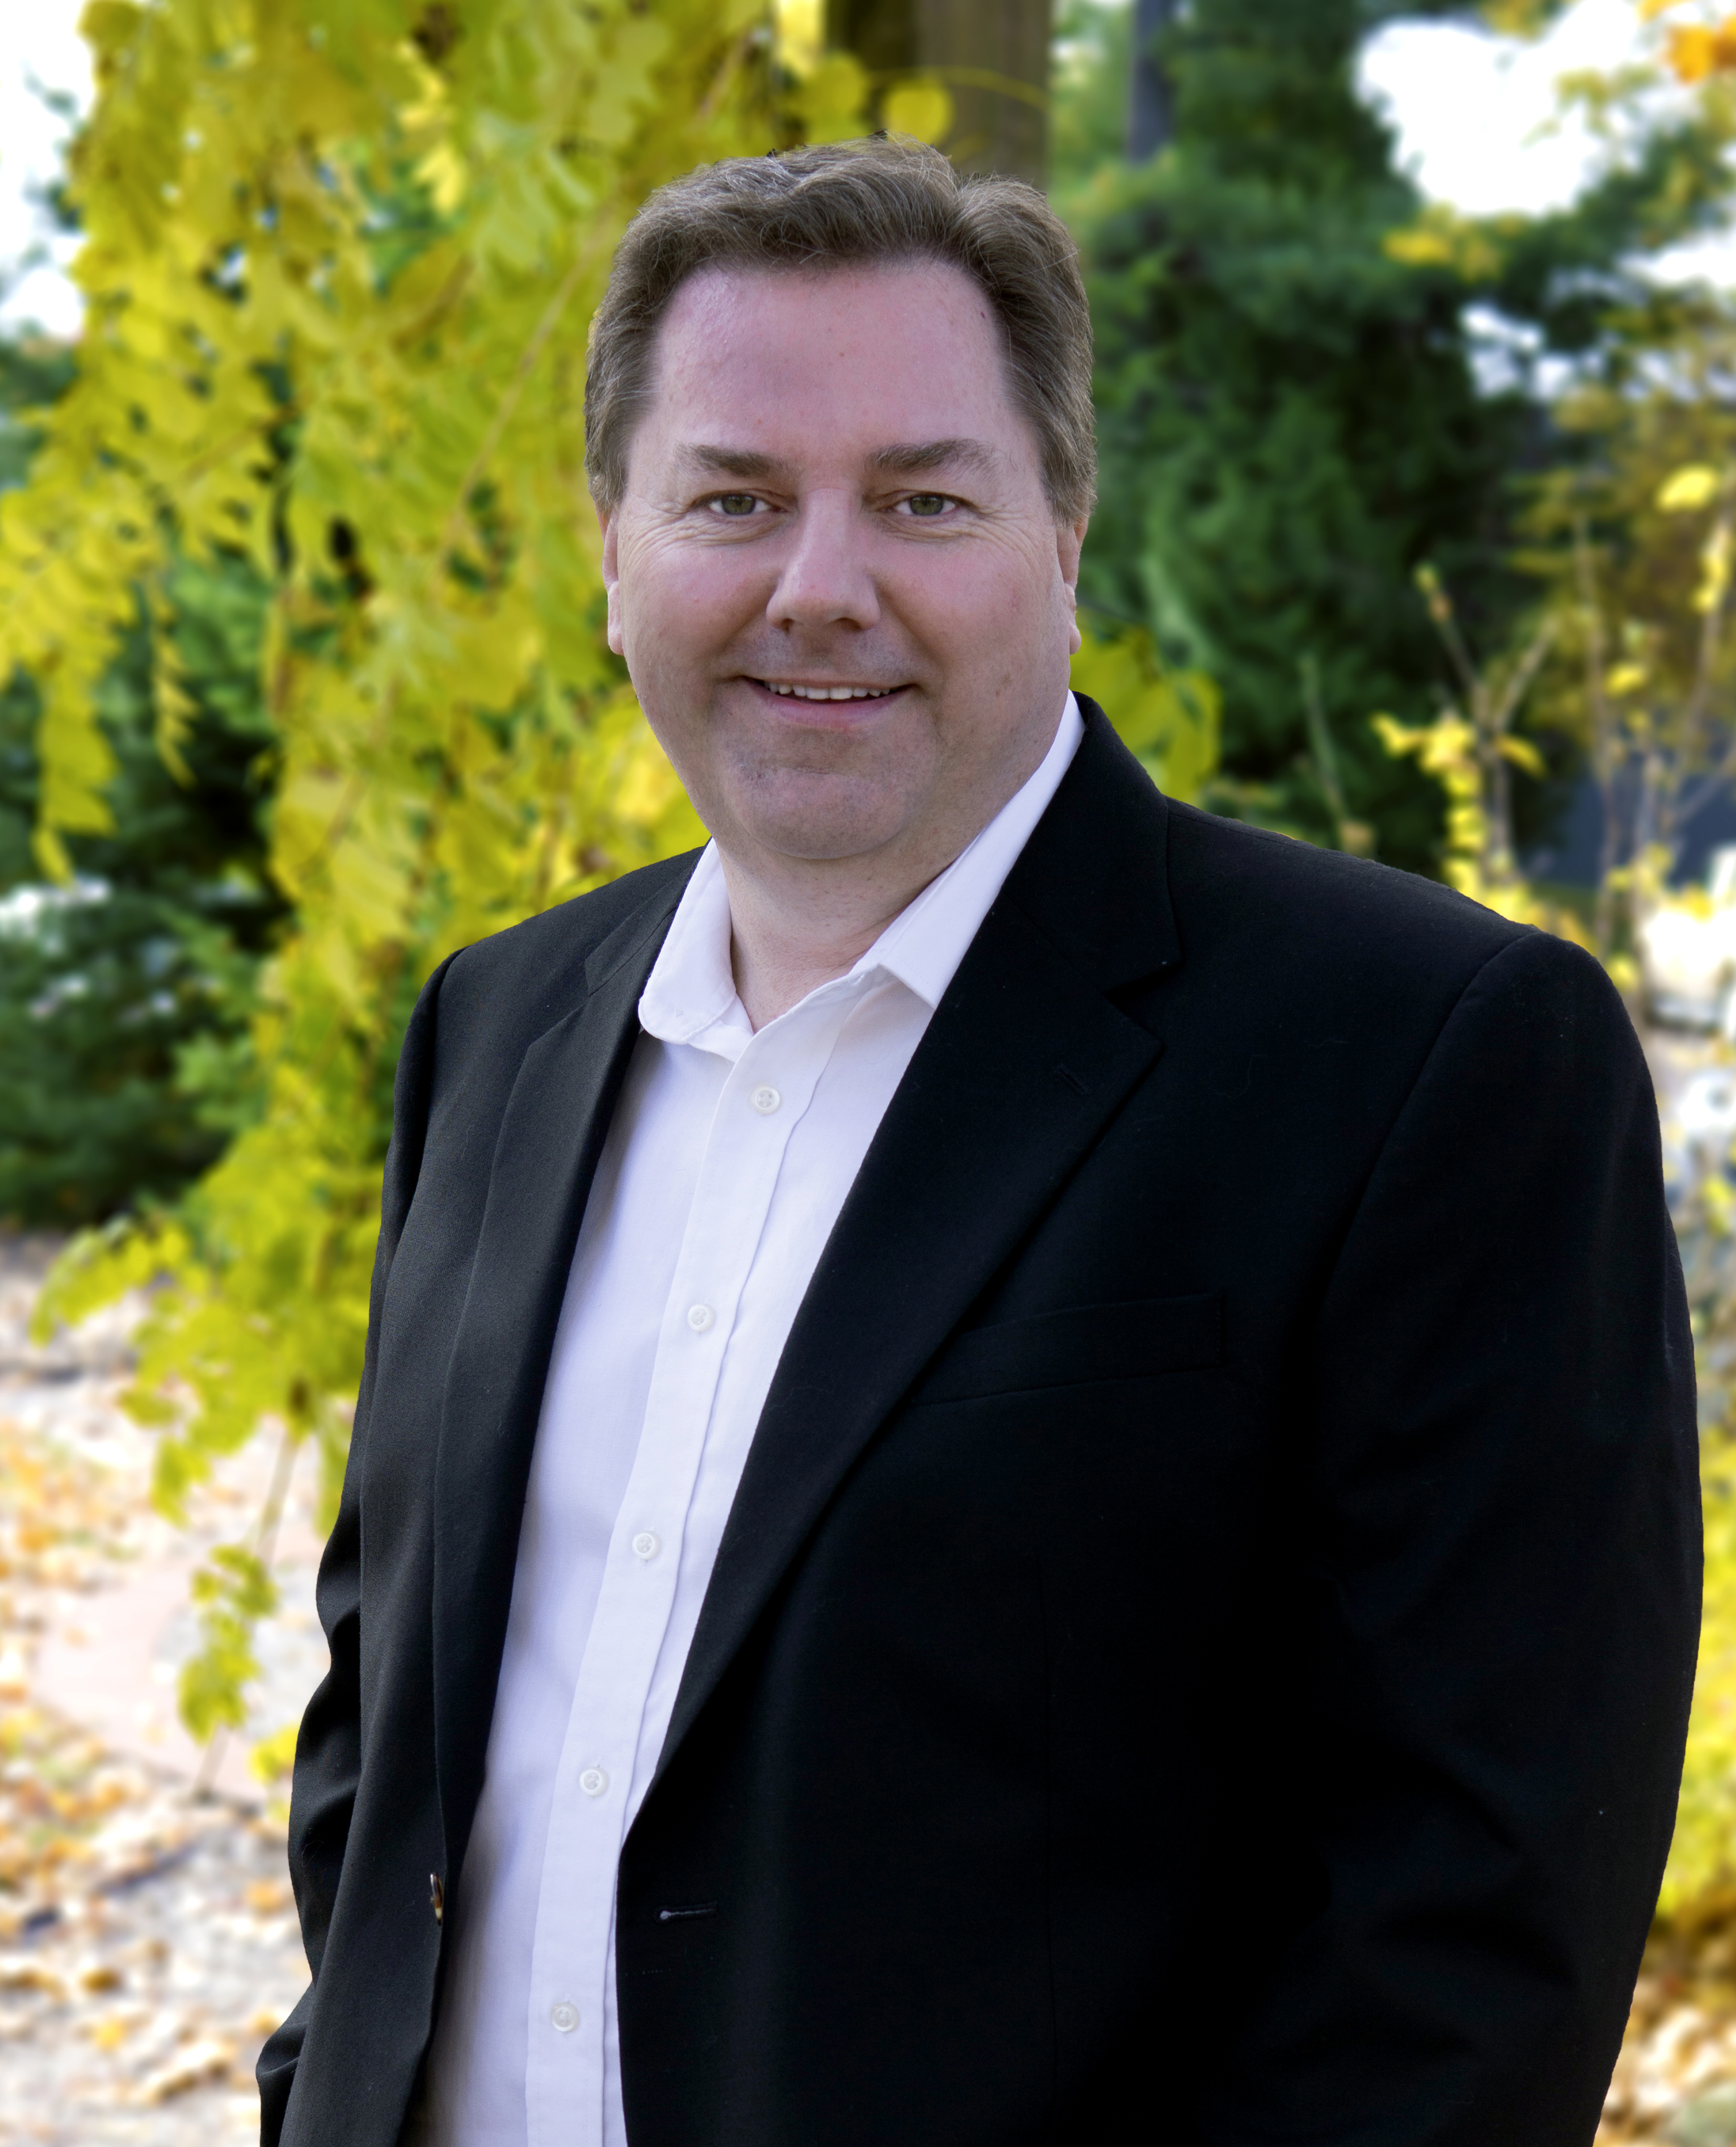 Ian Dicker